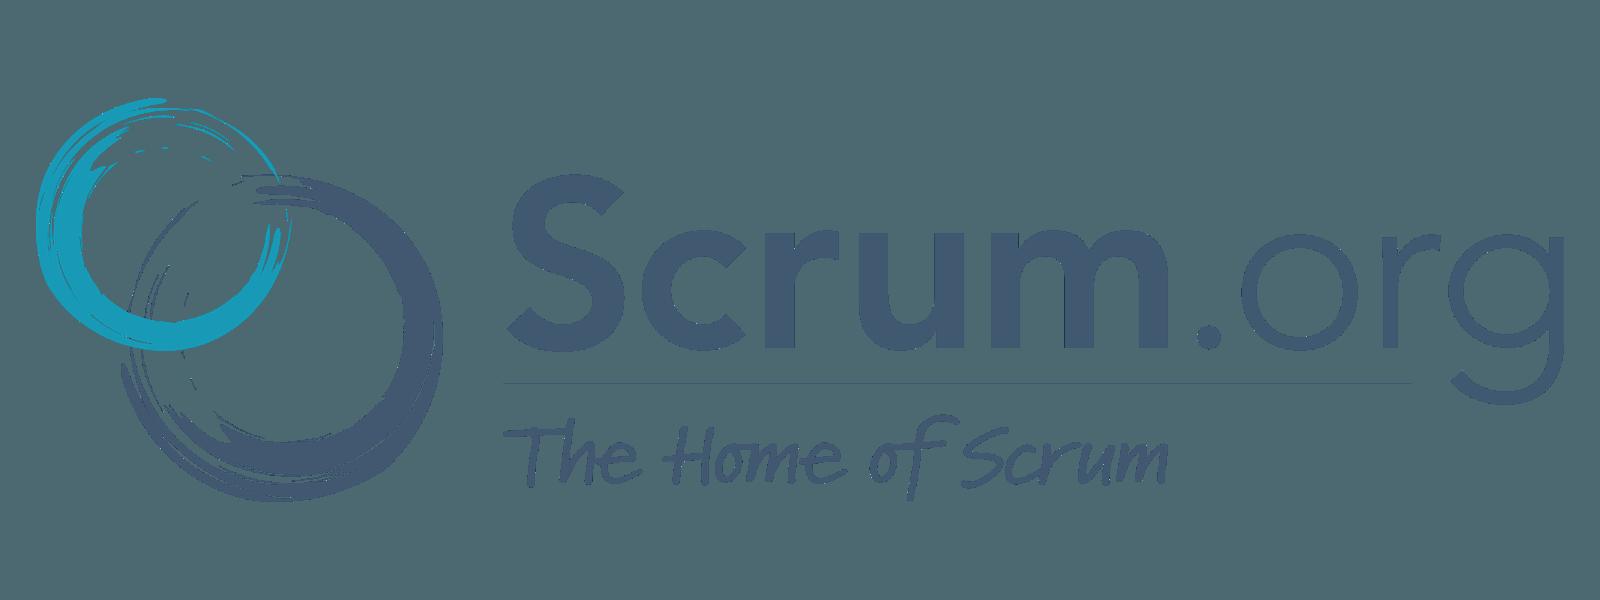 تحلیل روند موقعیت شغلی اسکرام مستر در شرکت های بزرگ - گزارش 2019 موسسه اسکرام